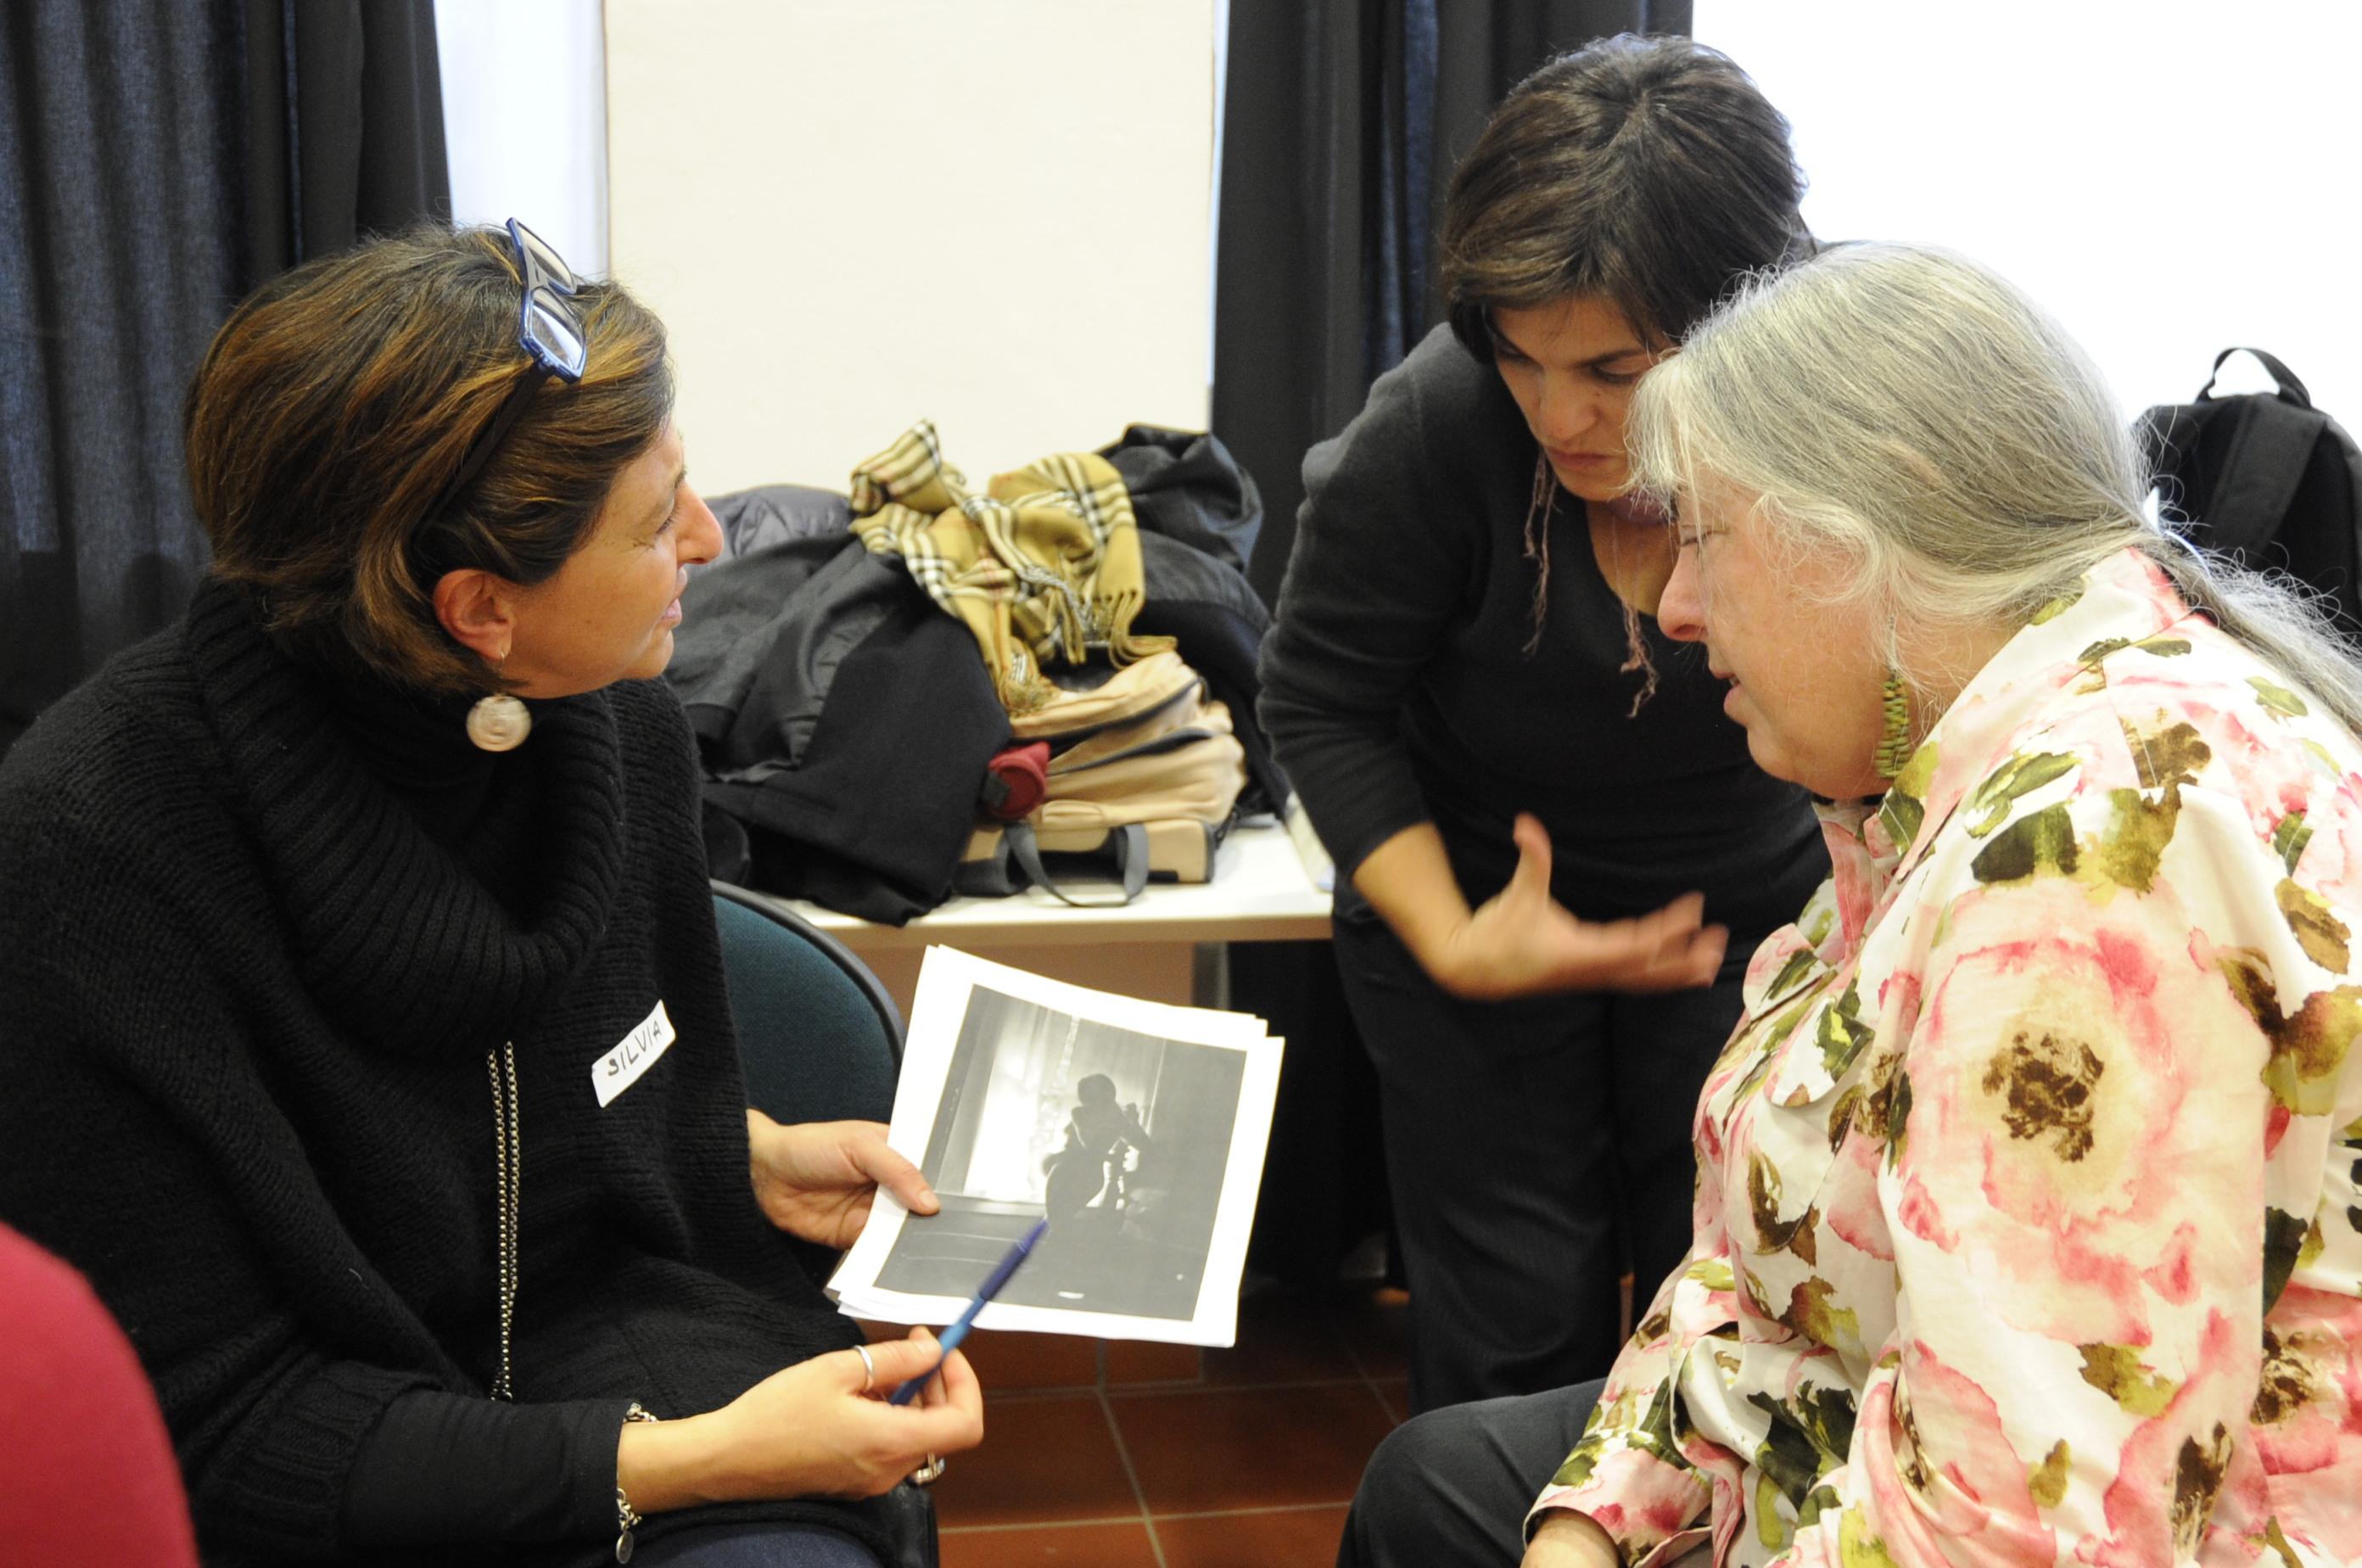 """Judy Weiser """"Workshop esperienziale sulle tecniche di fototerapia: come le fotografie possono essere usate per la comprensione e il cambiamento"""""""